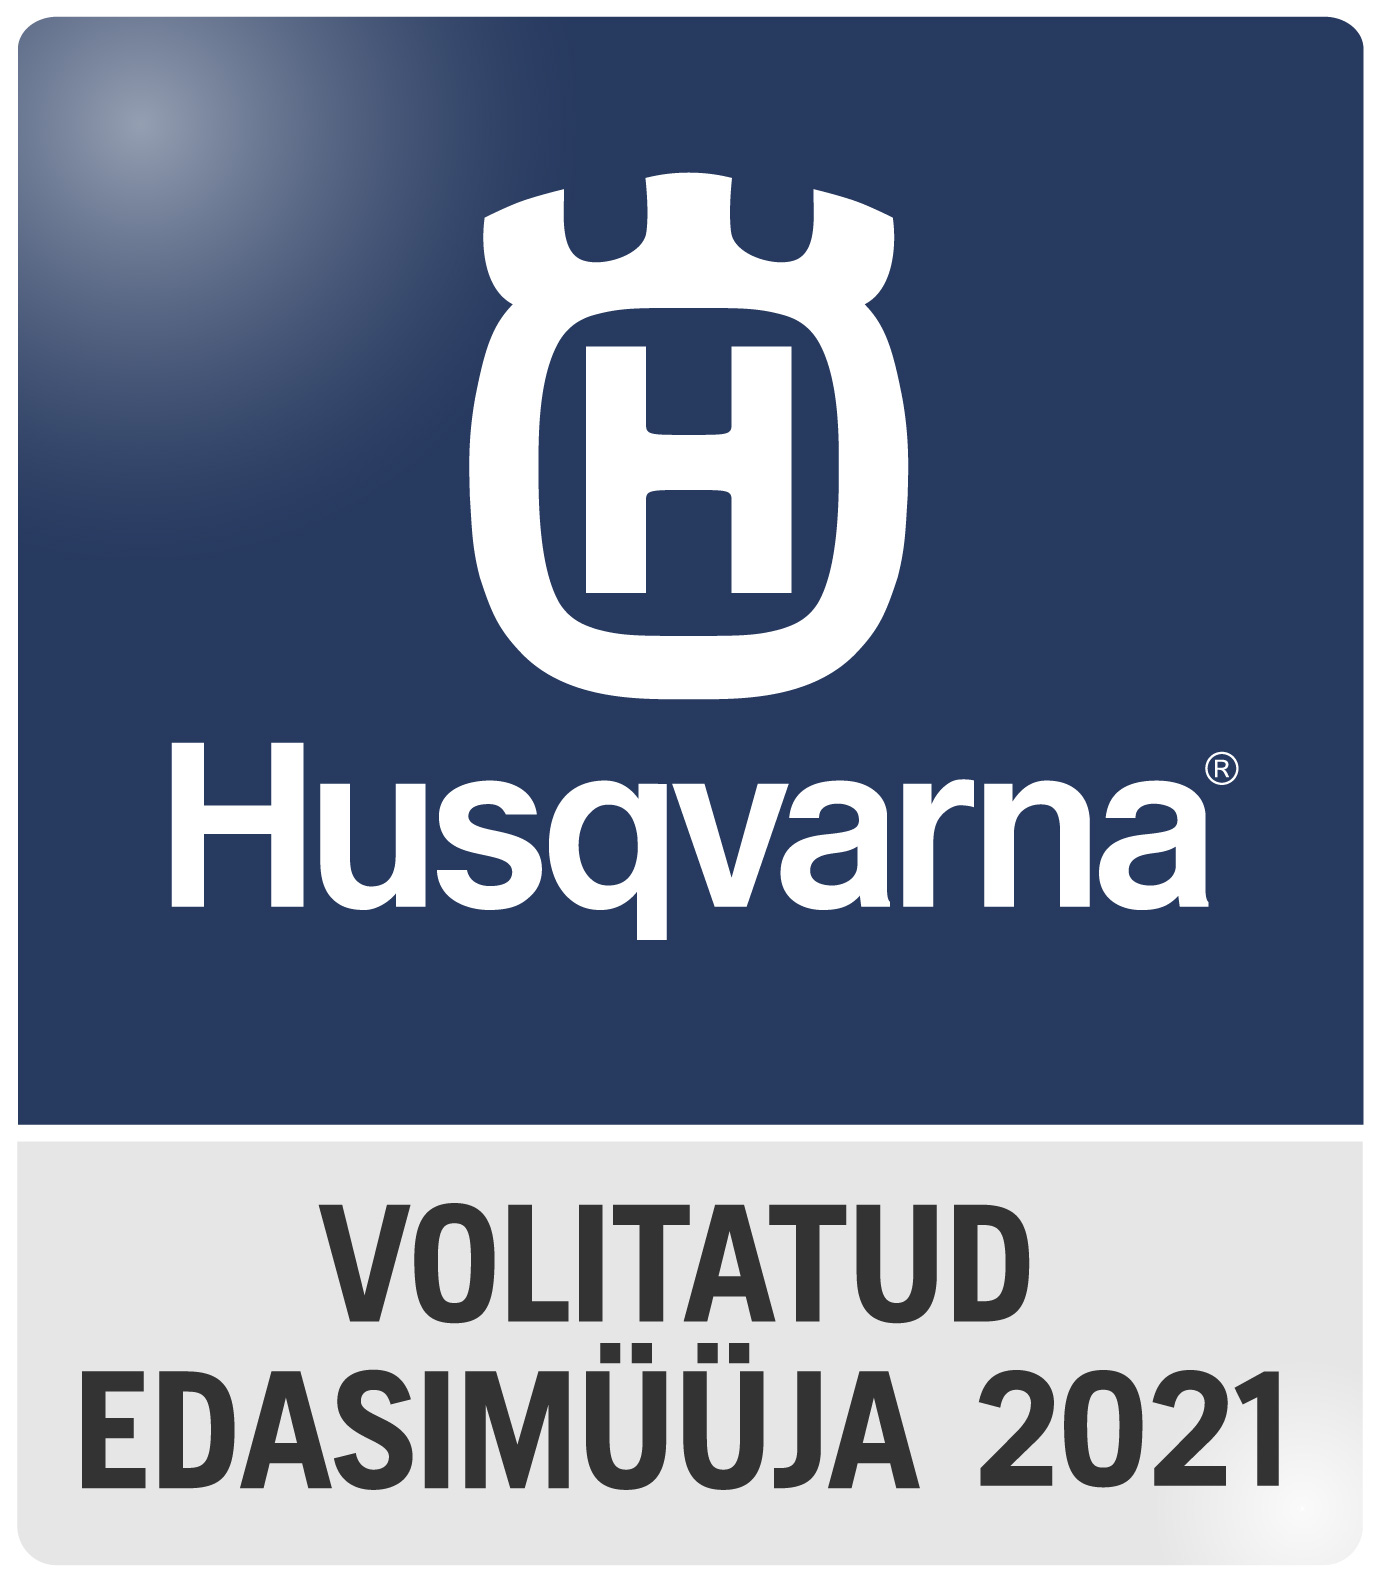 Husqvarna volitatud edasimüüja 2021